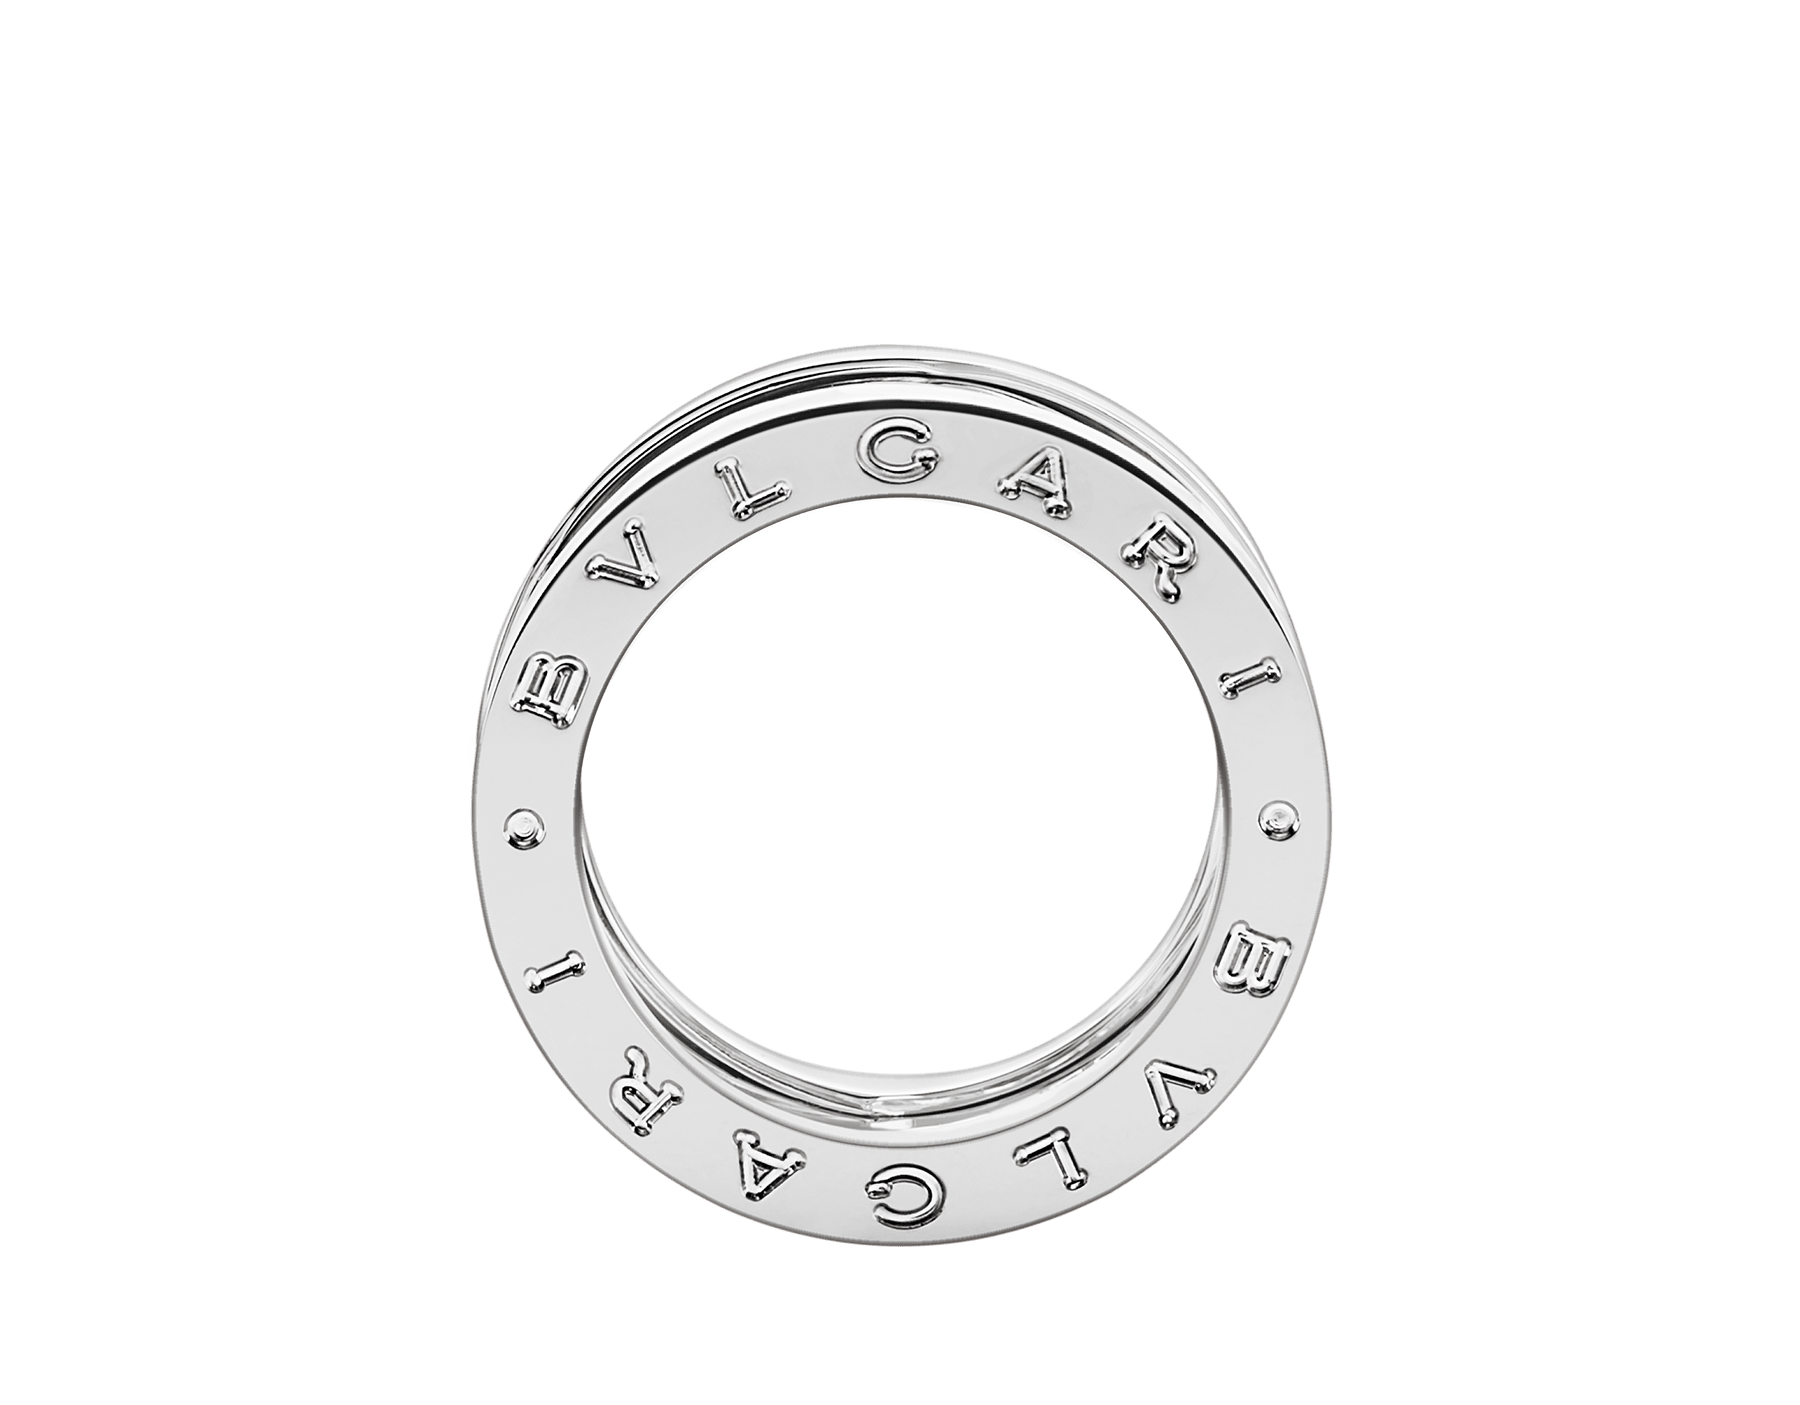 Bague B.zero1 Design Legend en or blanc 18K avec pavé diamants sur la spirale. AN858378 image 2